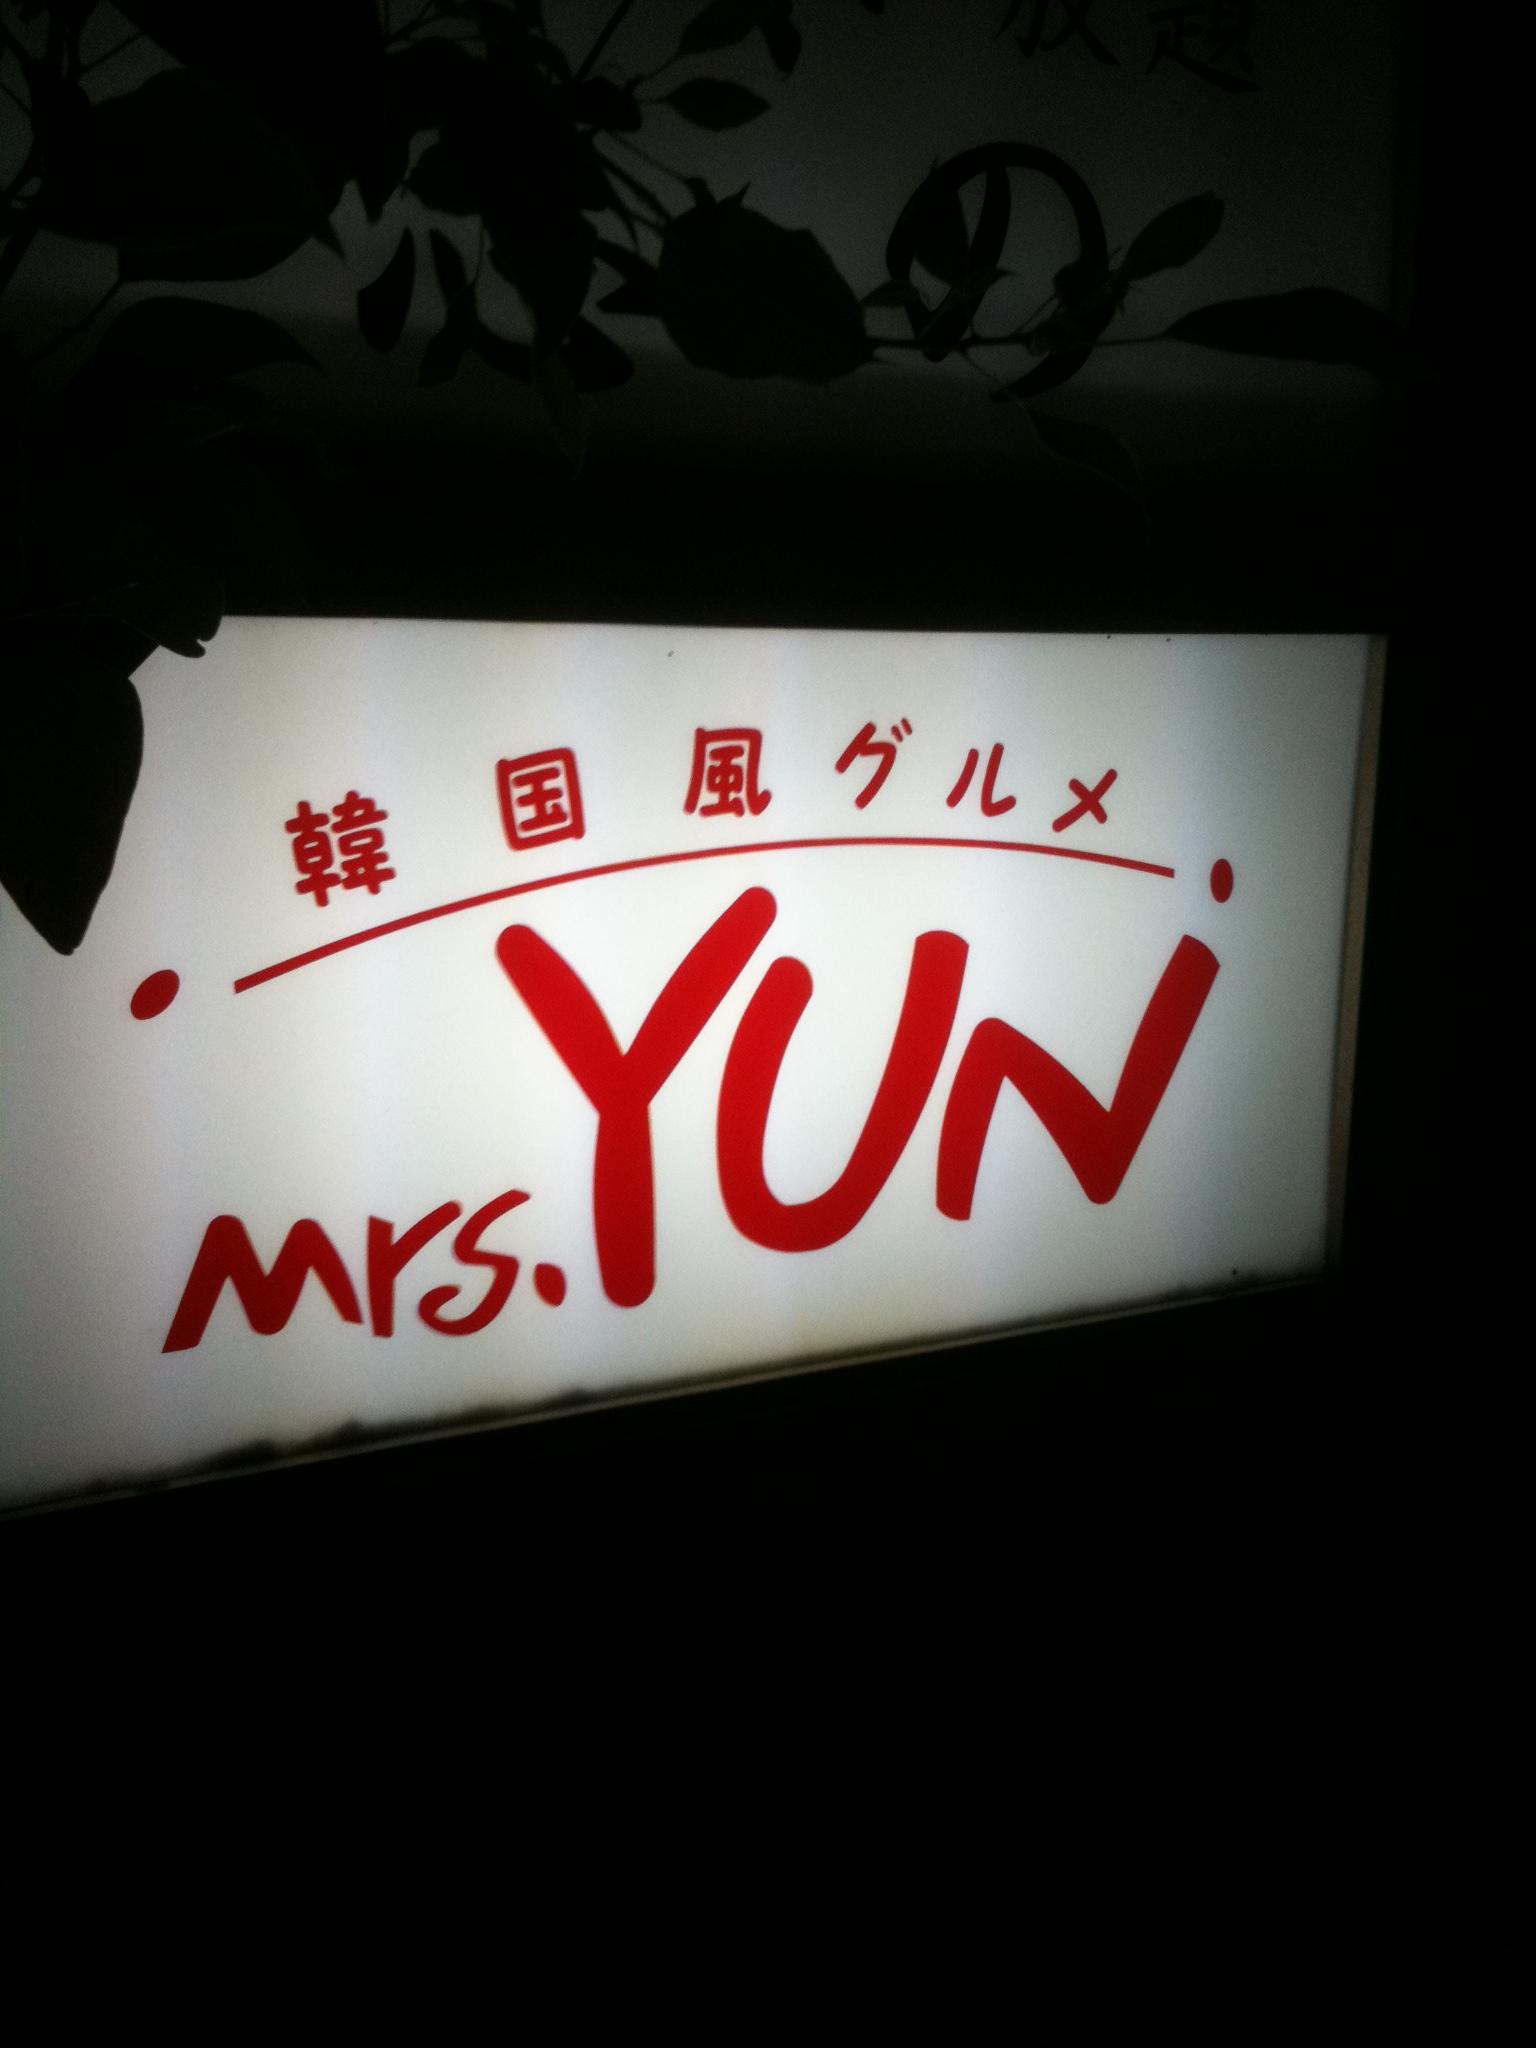 ミセス ユン